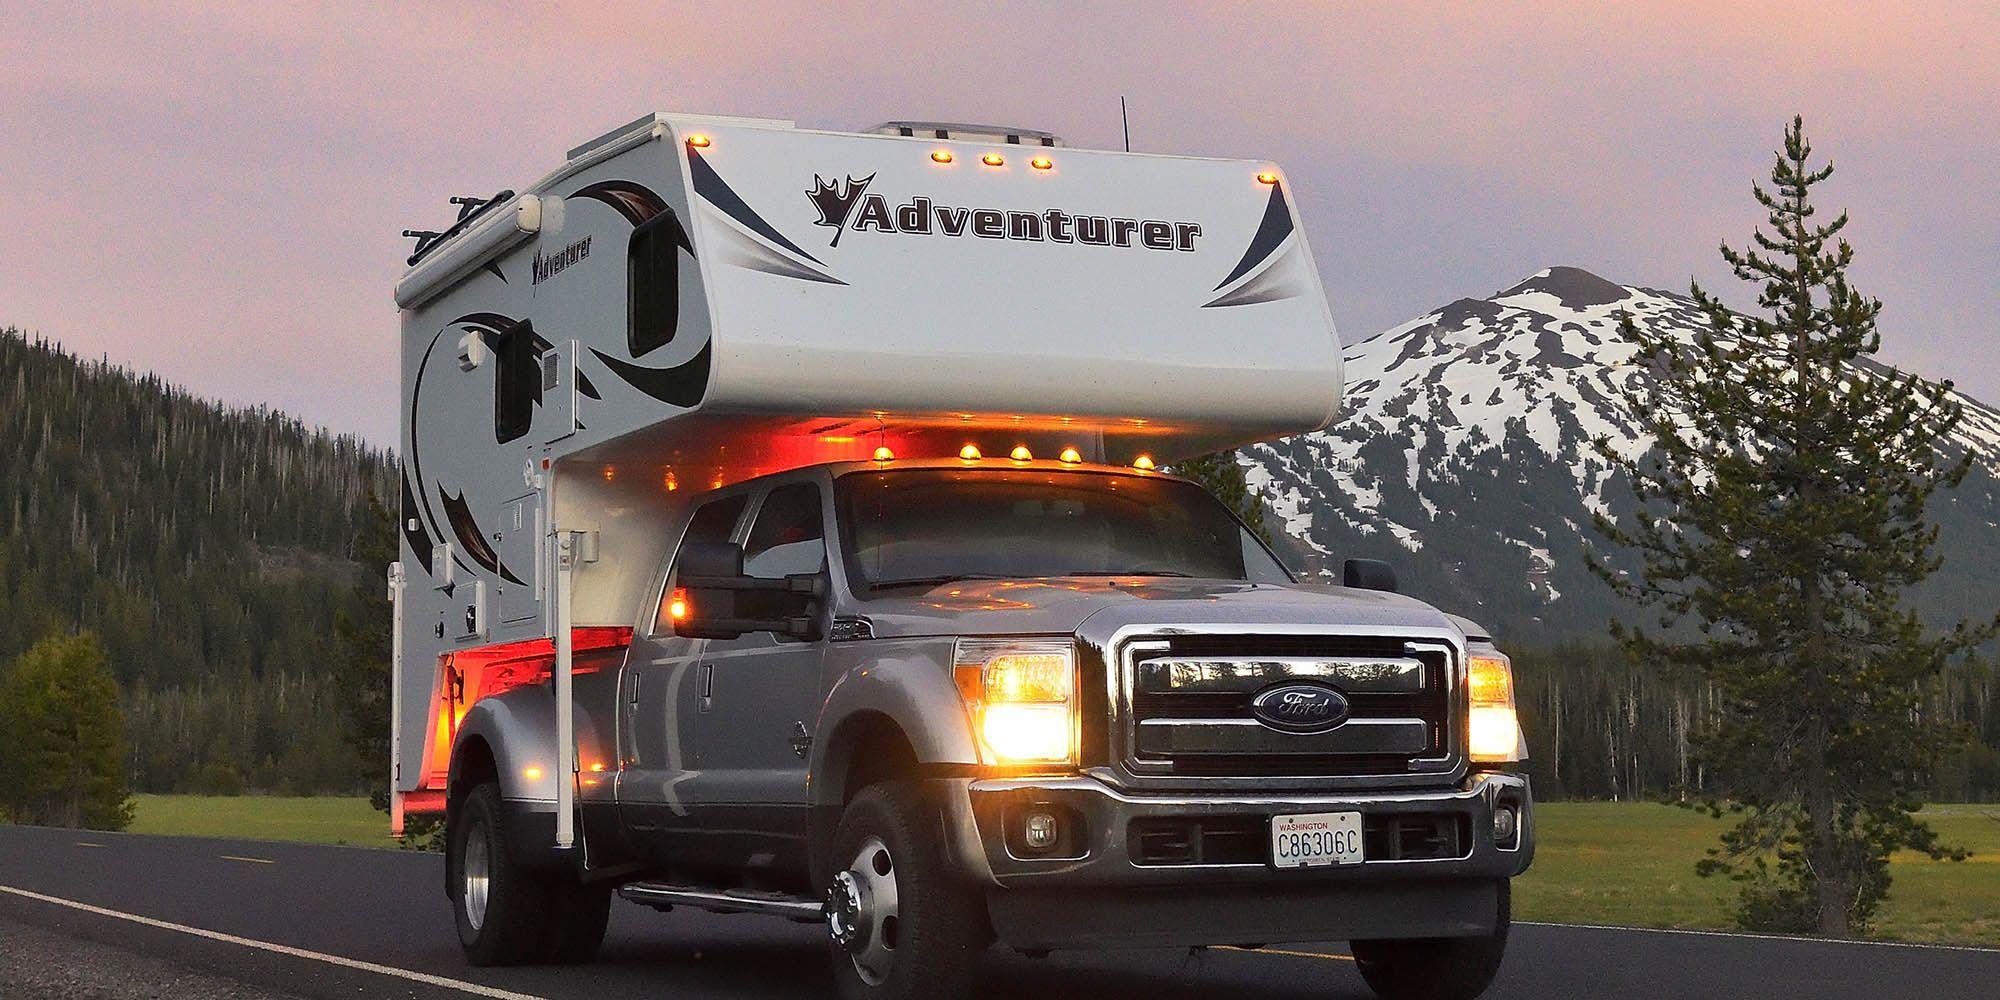 Truck Campers Adventurer A Premium Truck Camper Truck Camper